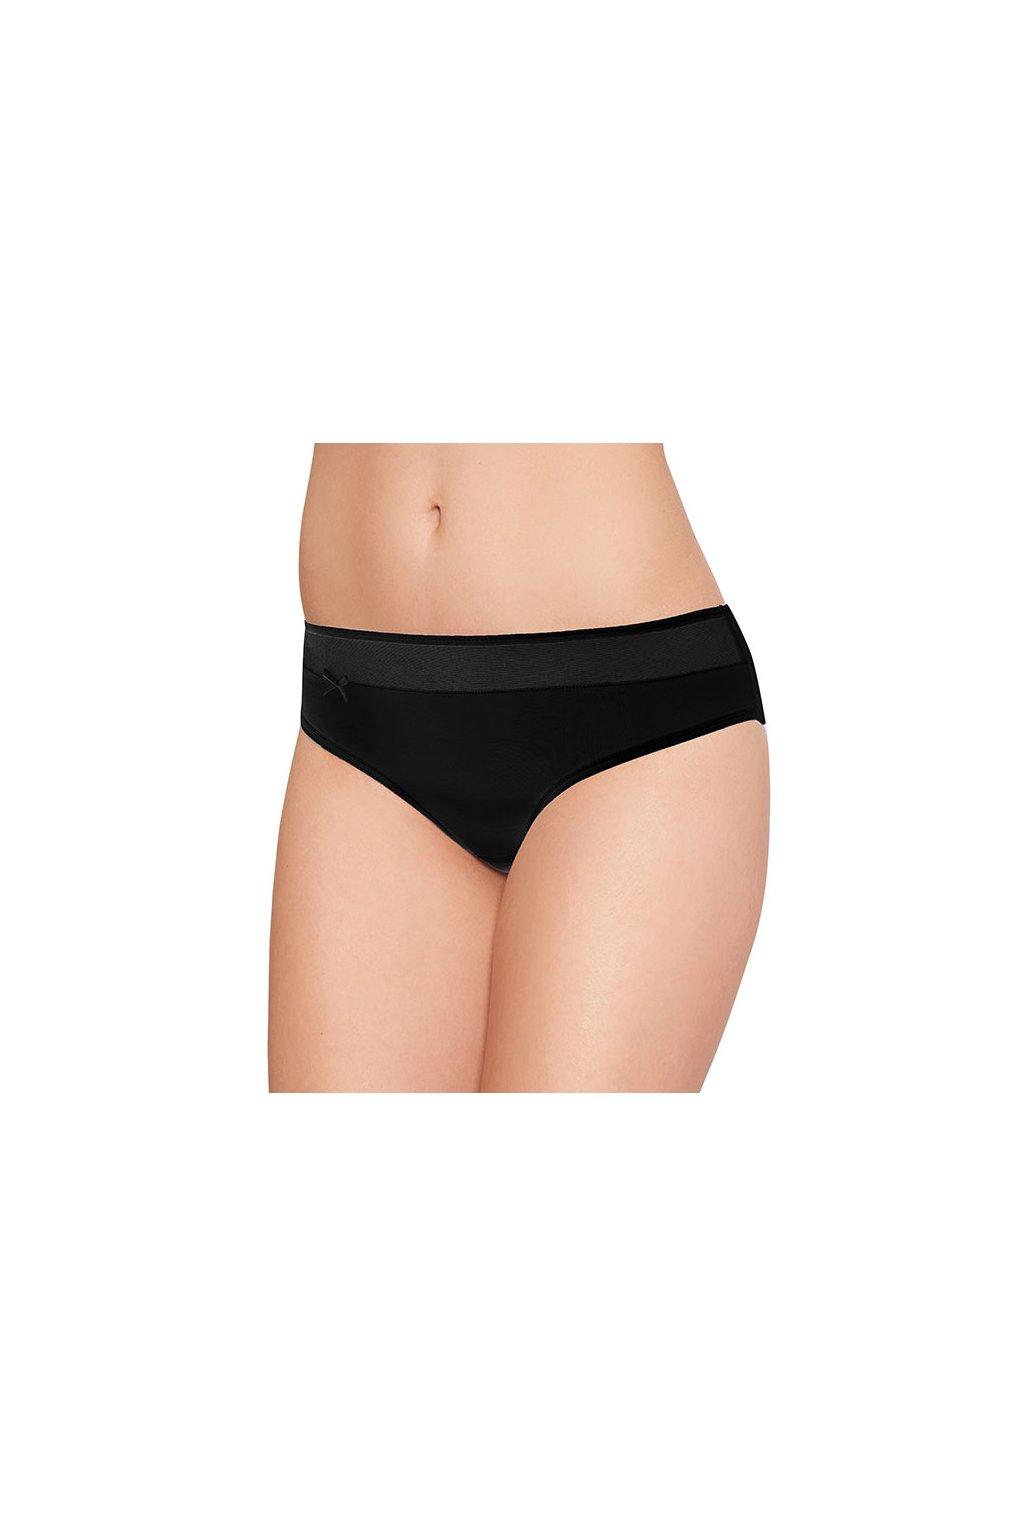 Dámské kalhotky, 10088 29, černá